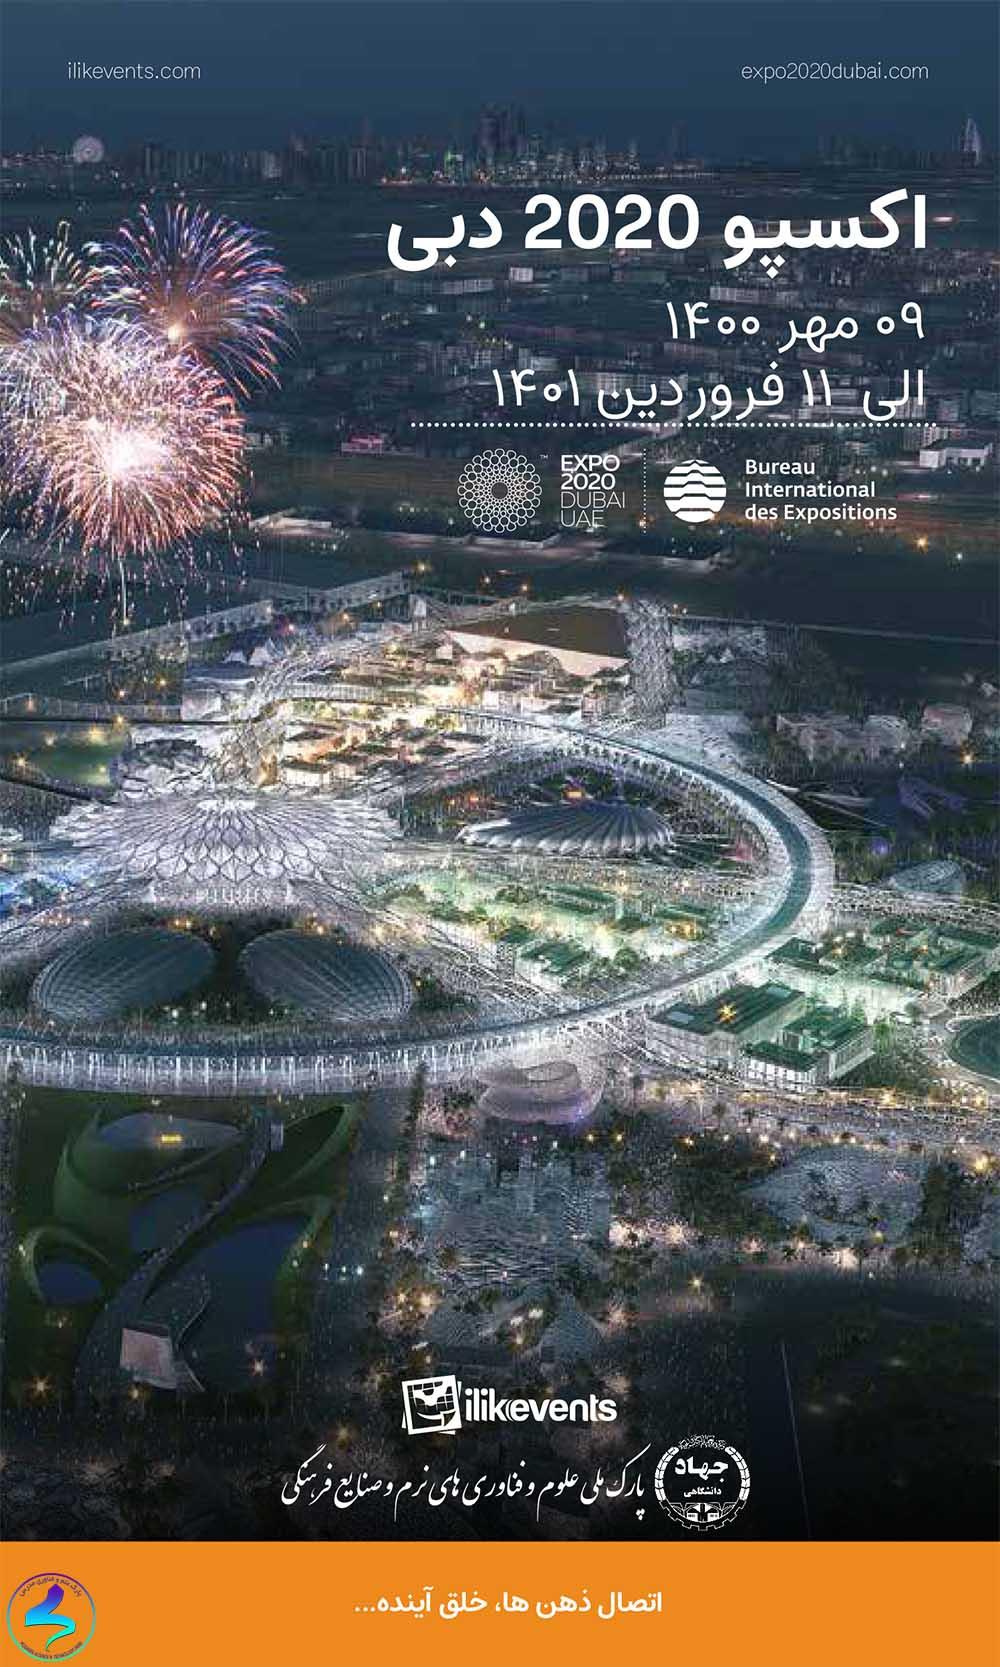 فراخوان اعزام هیاتهای تجاری به نمایشگاه اکسپو دبی